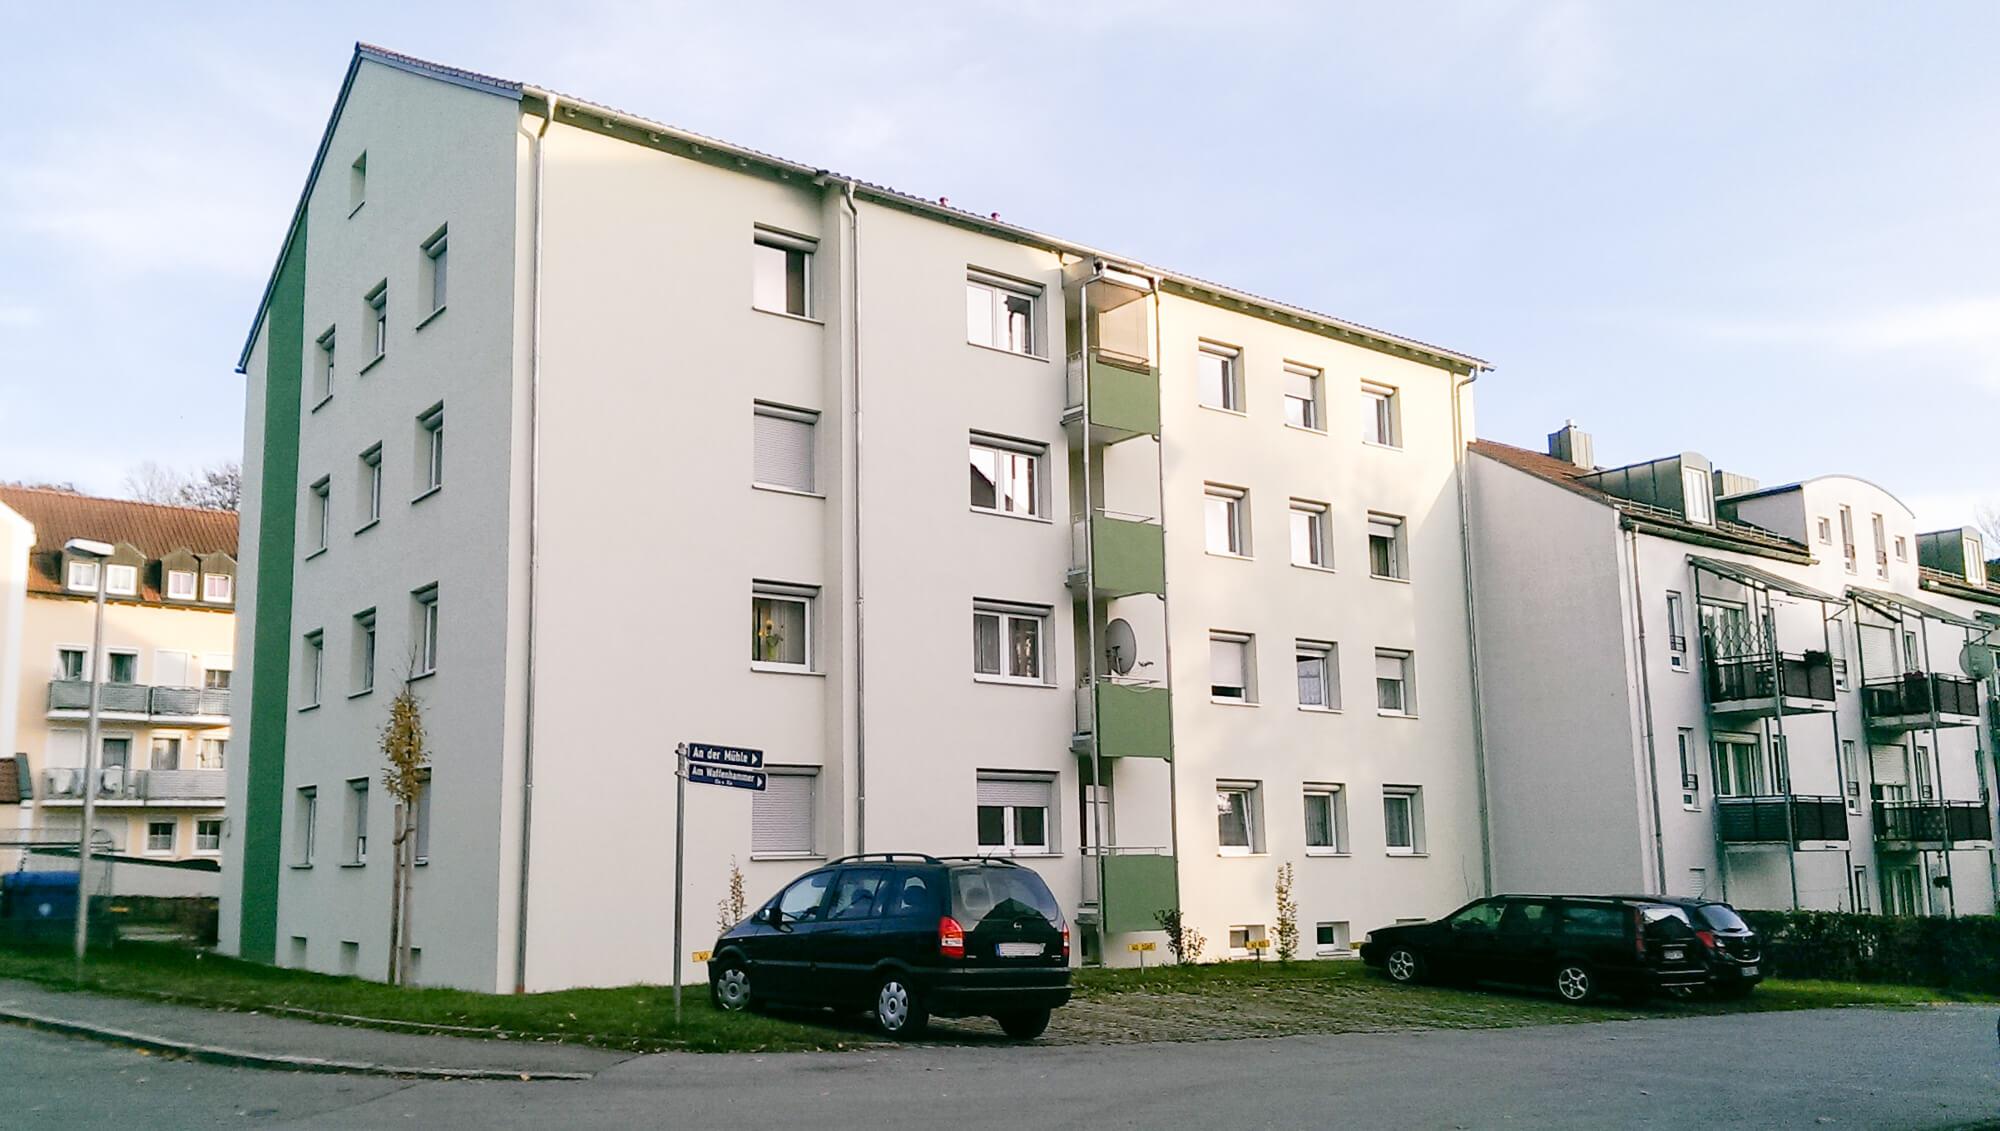 Umbau und energetische Sanierung eines Wohngebäudes